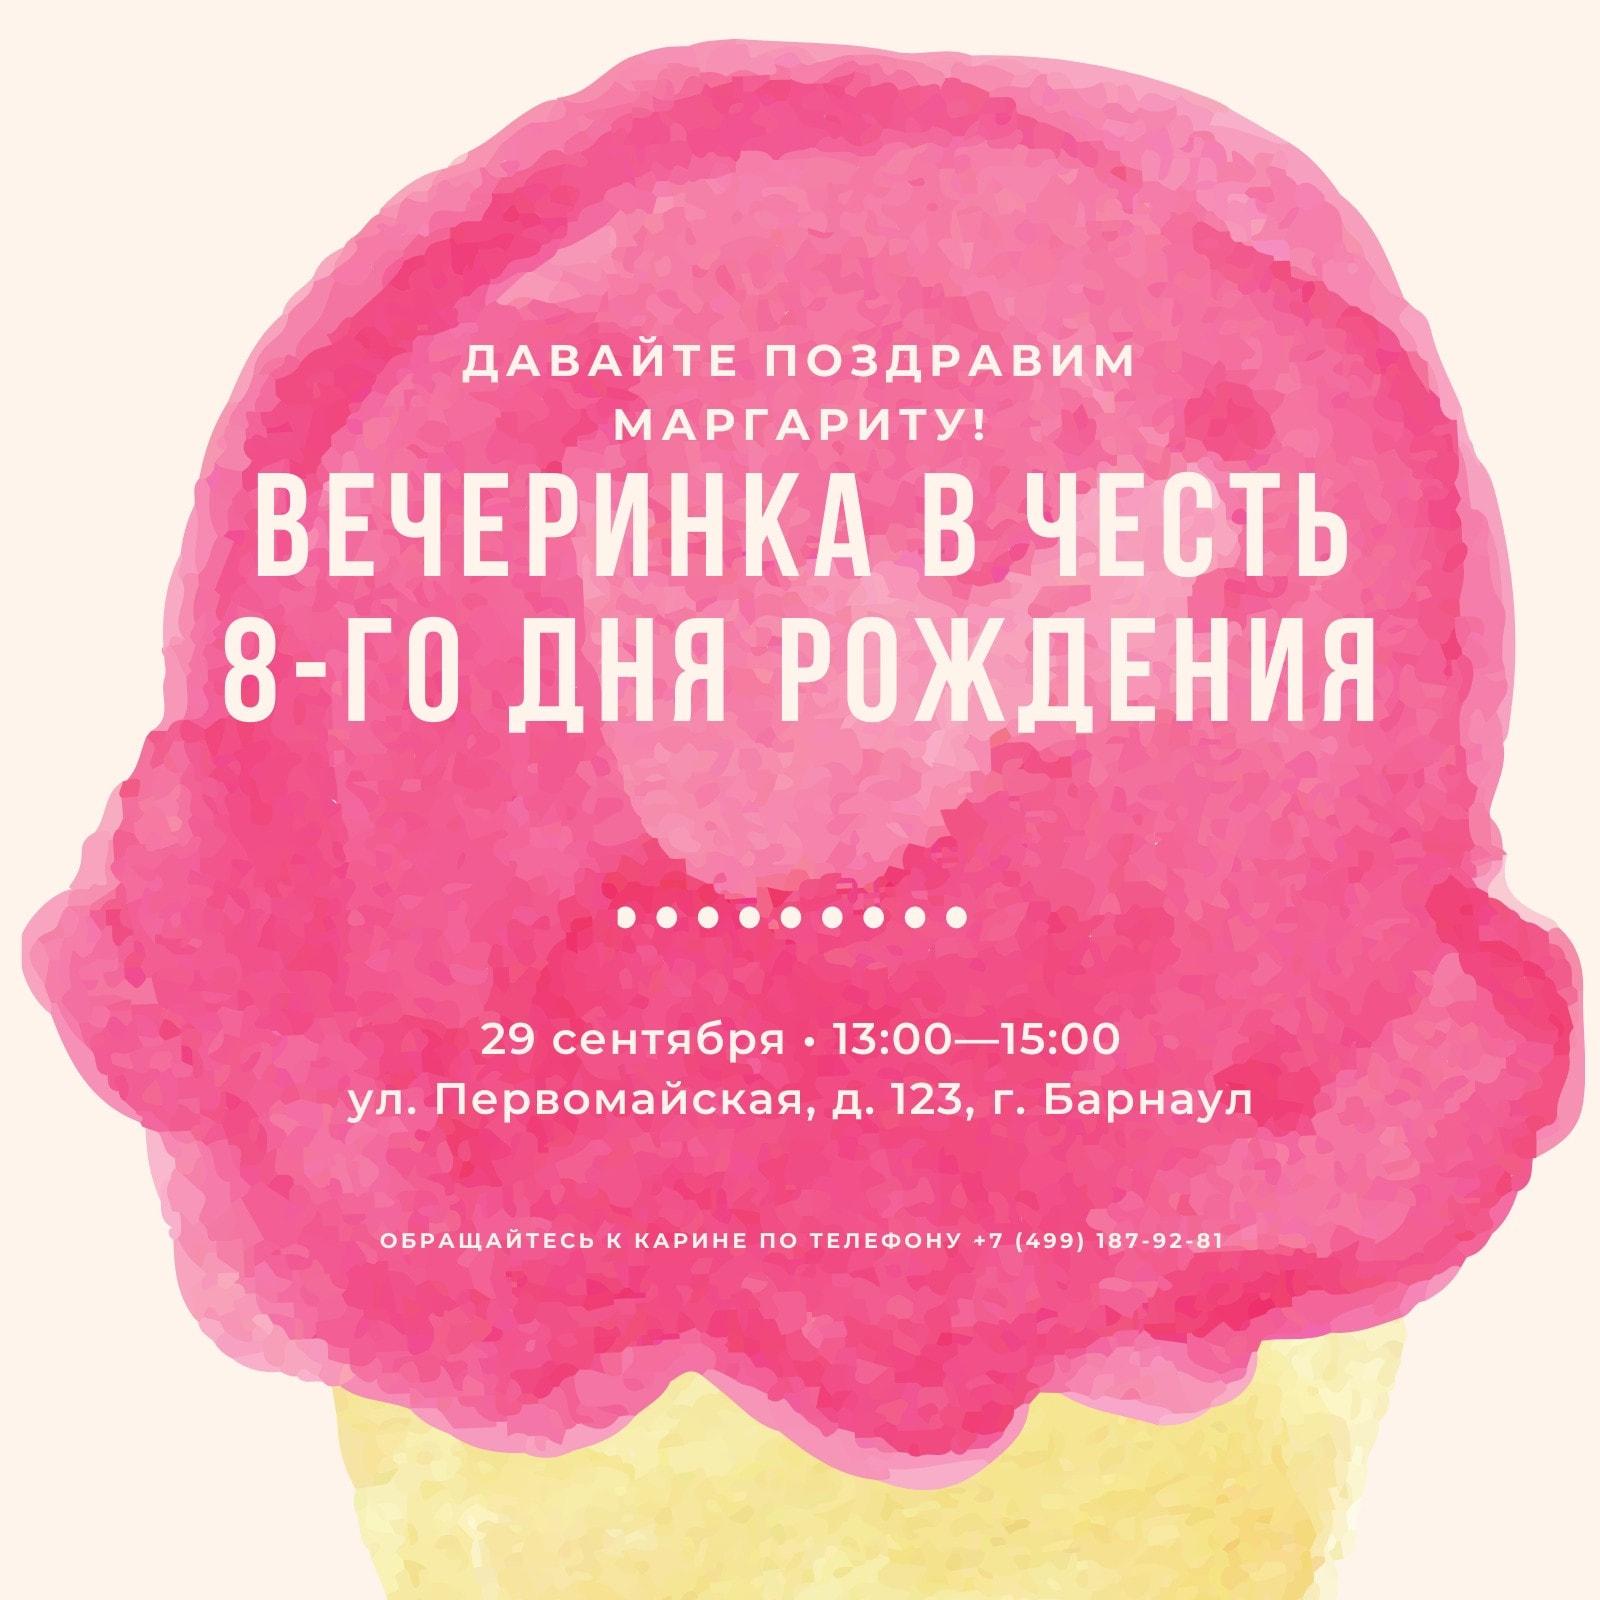 Розовый Акварель Мороженое Детская Вечеринка Приглашение